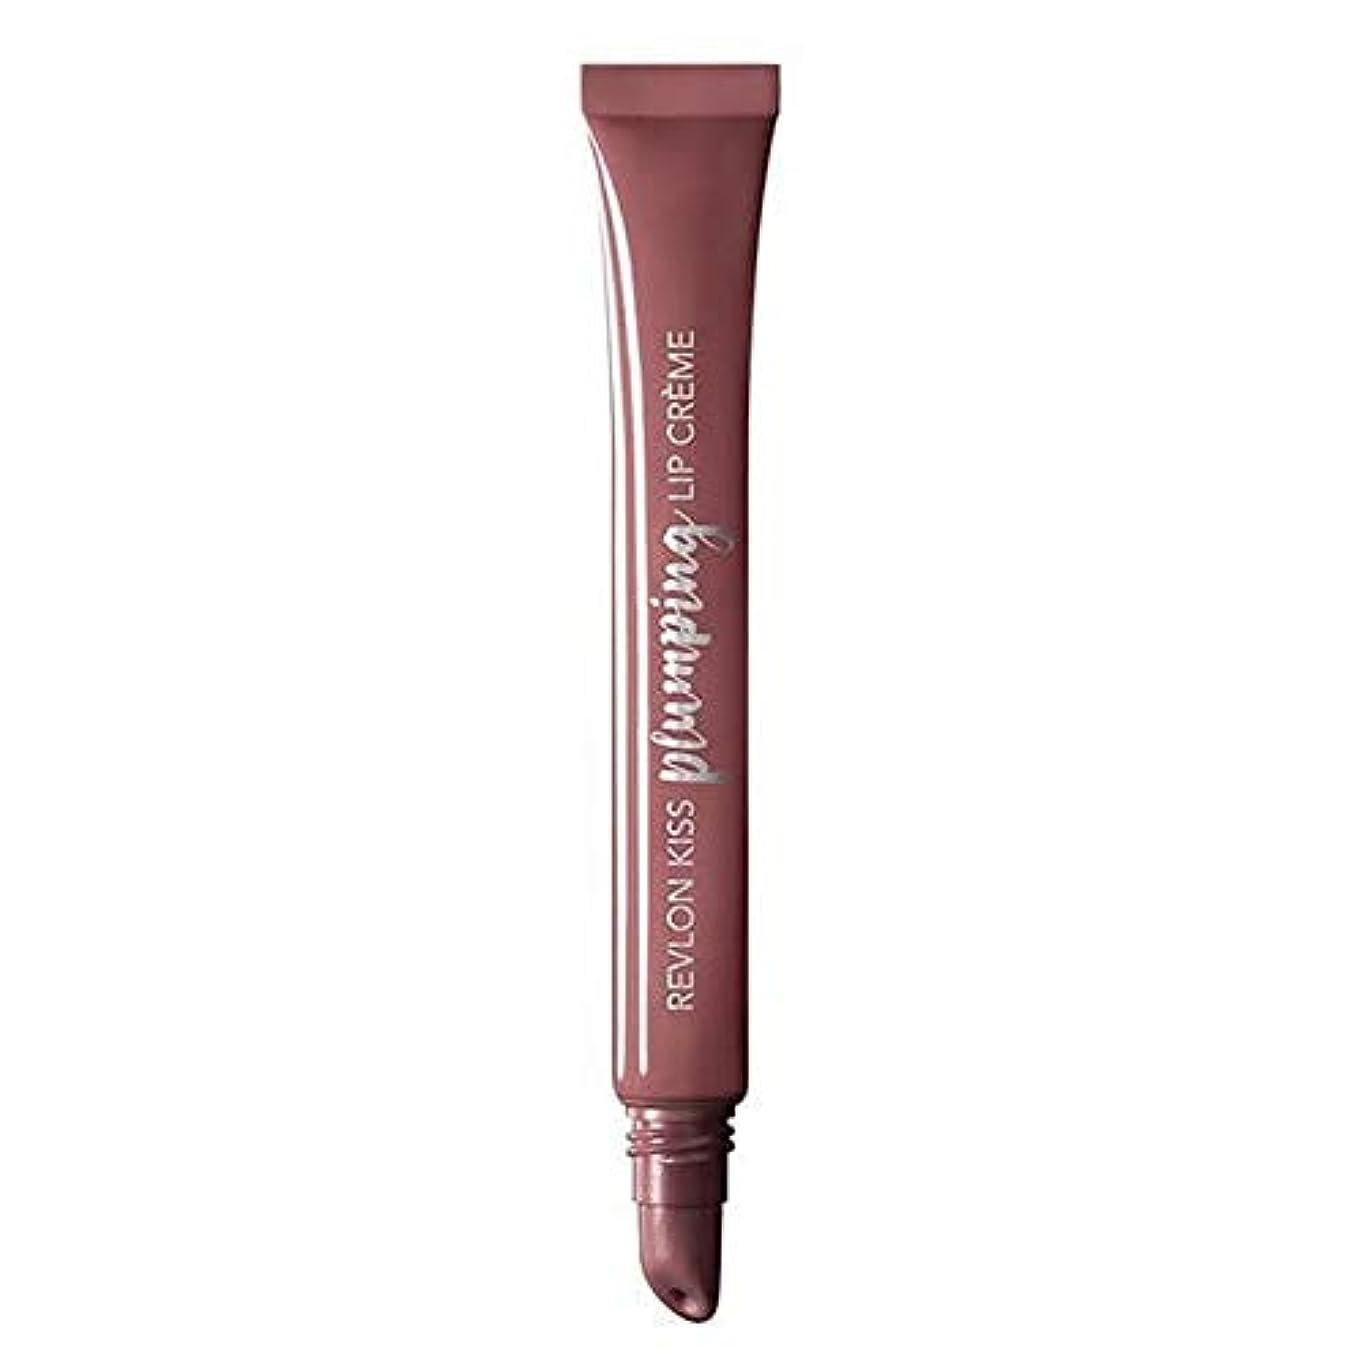 予言するガイド散文[Revlon ] レブロンキス膨化リップクリームのベルベットのミンク - Revlon Kiss Plumping Lip Cr?me Velvet Mink [並行輸入品]